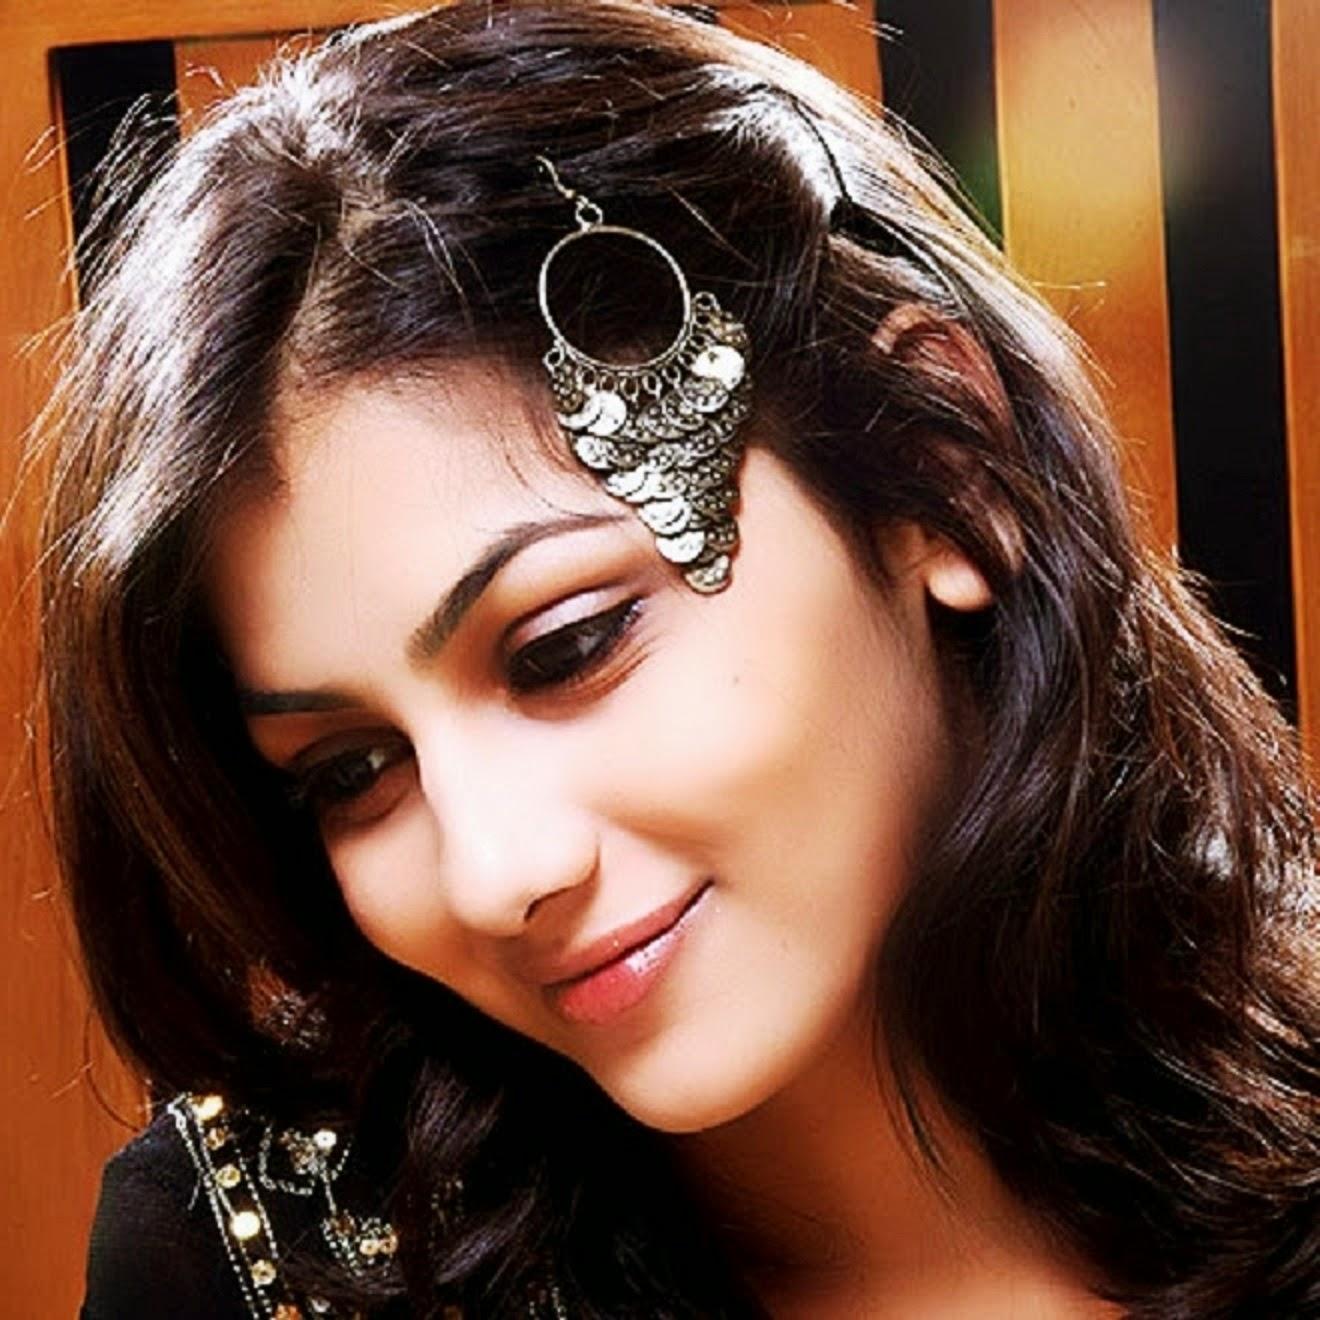 free stars wallpaper: Sriti Jha HD Wallpaper